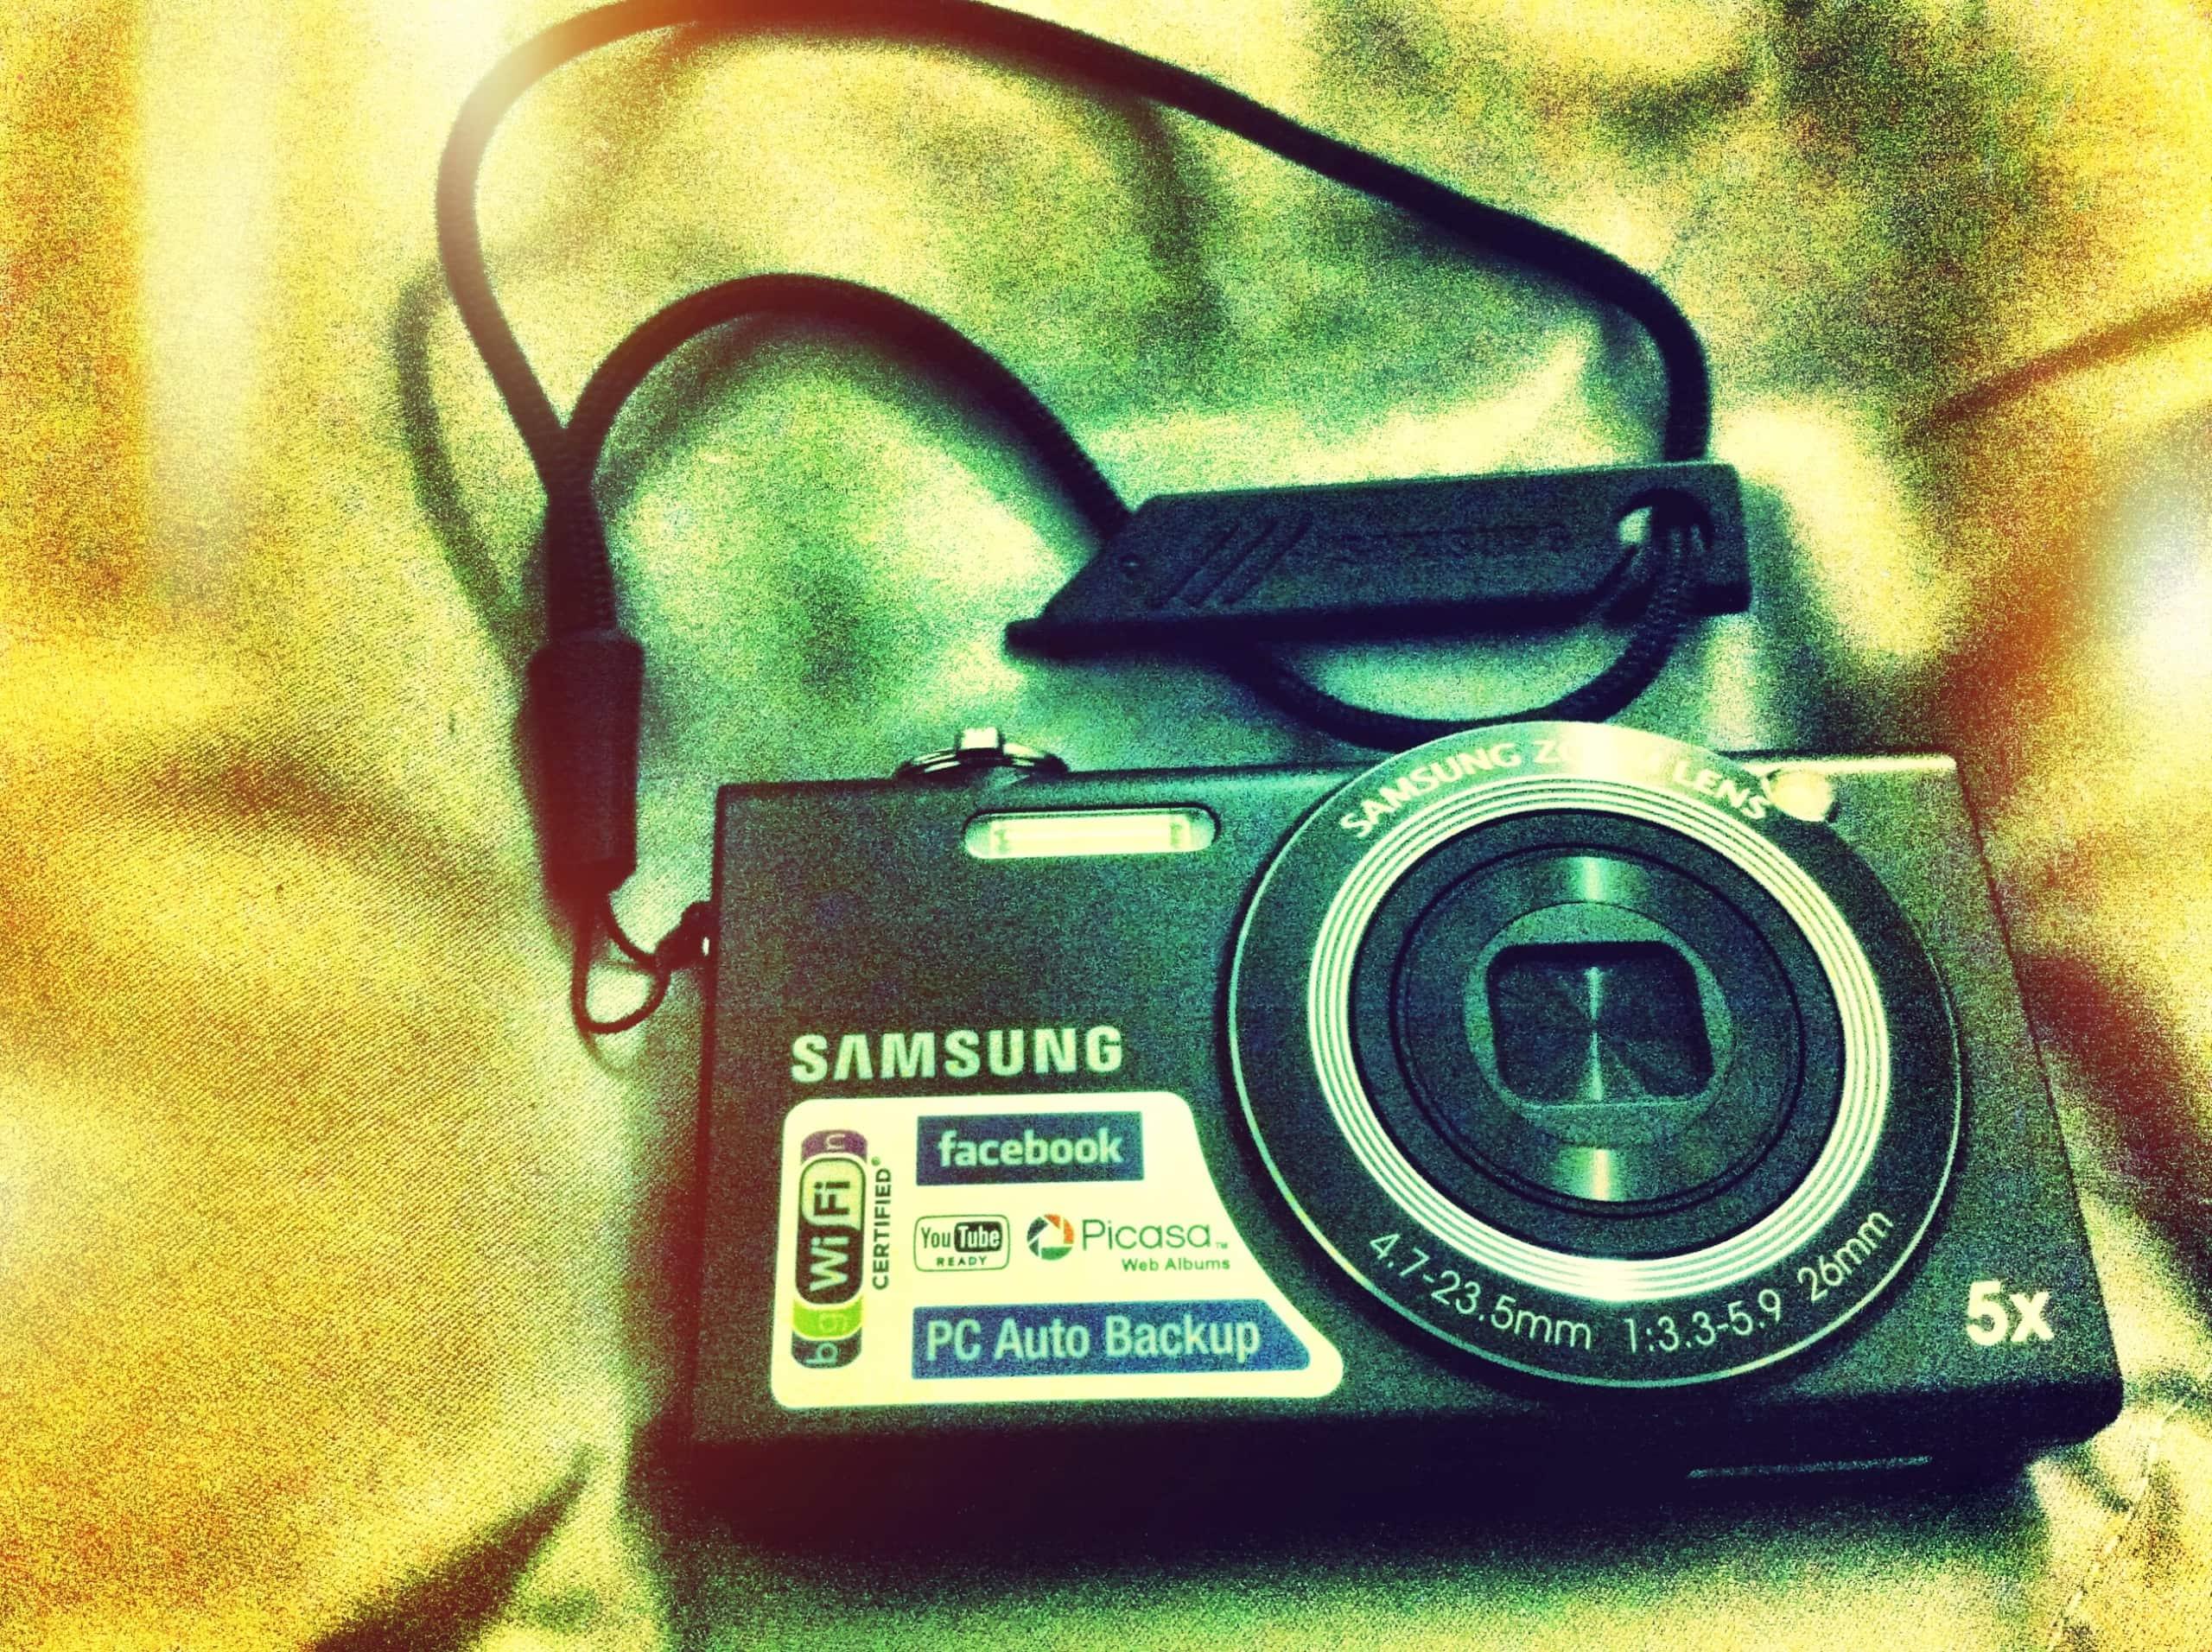 Samsung SH100 Digital Camera